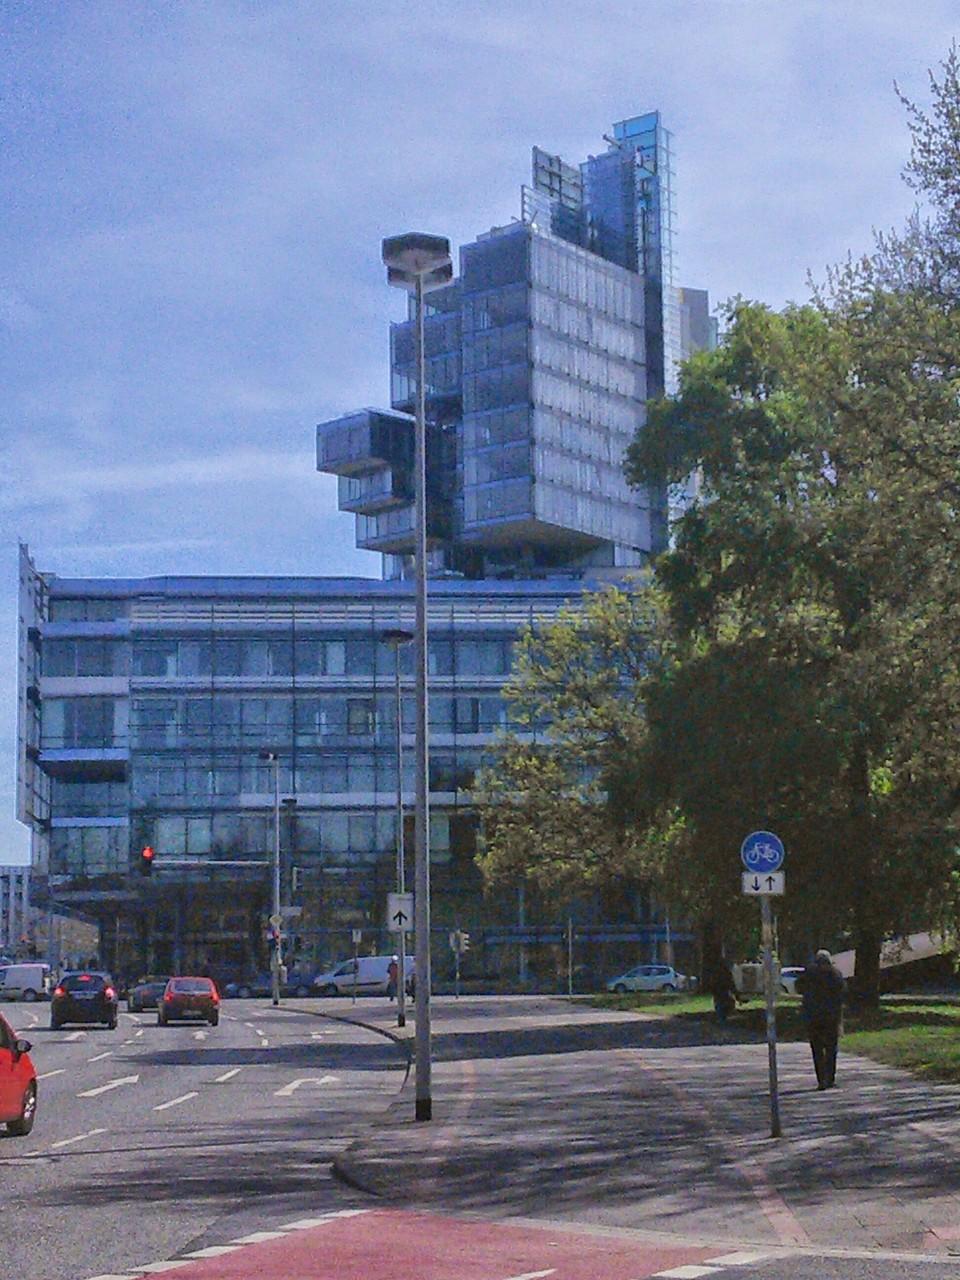 Glaspalast der Norddeutschen Landesbank Hannover